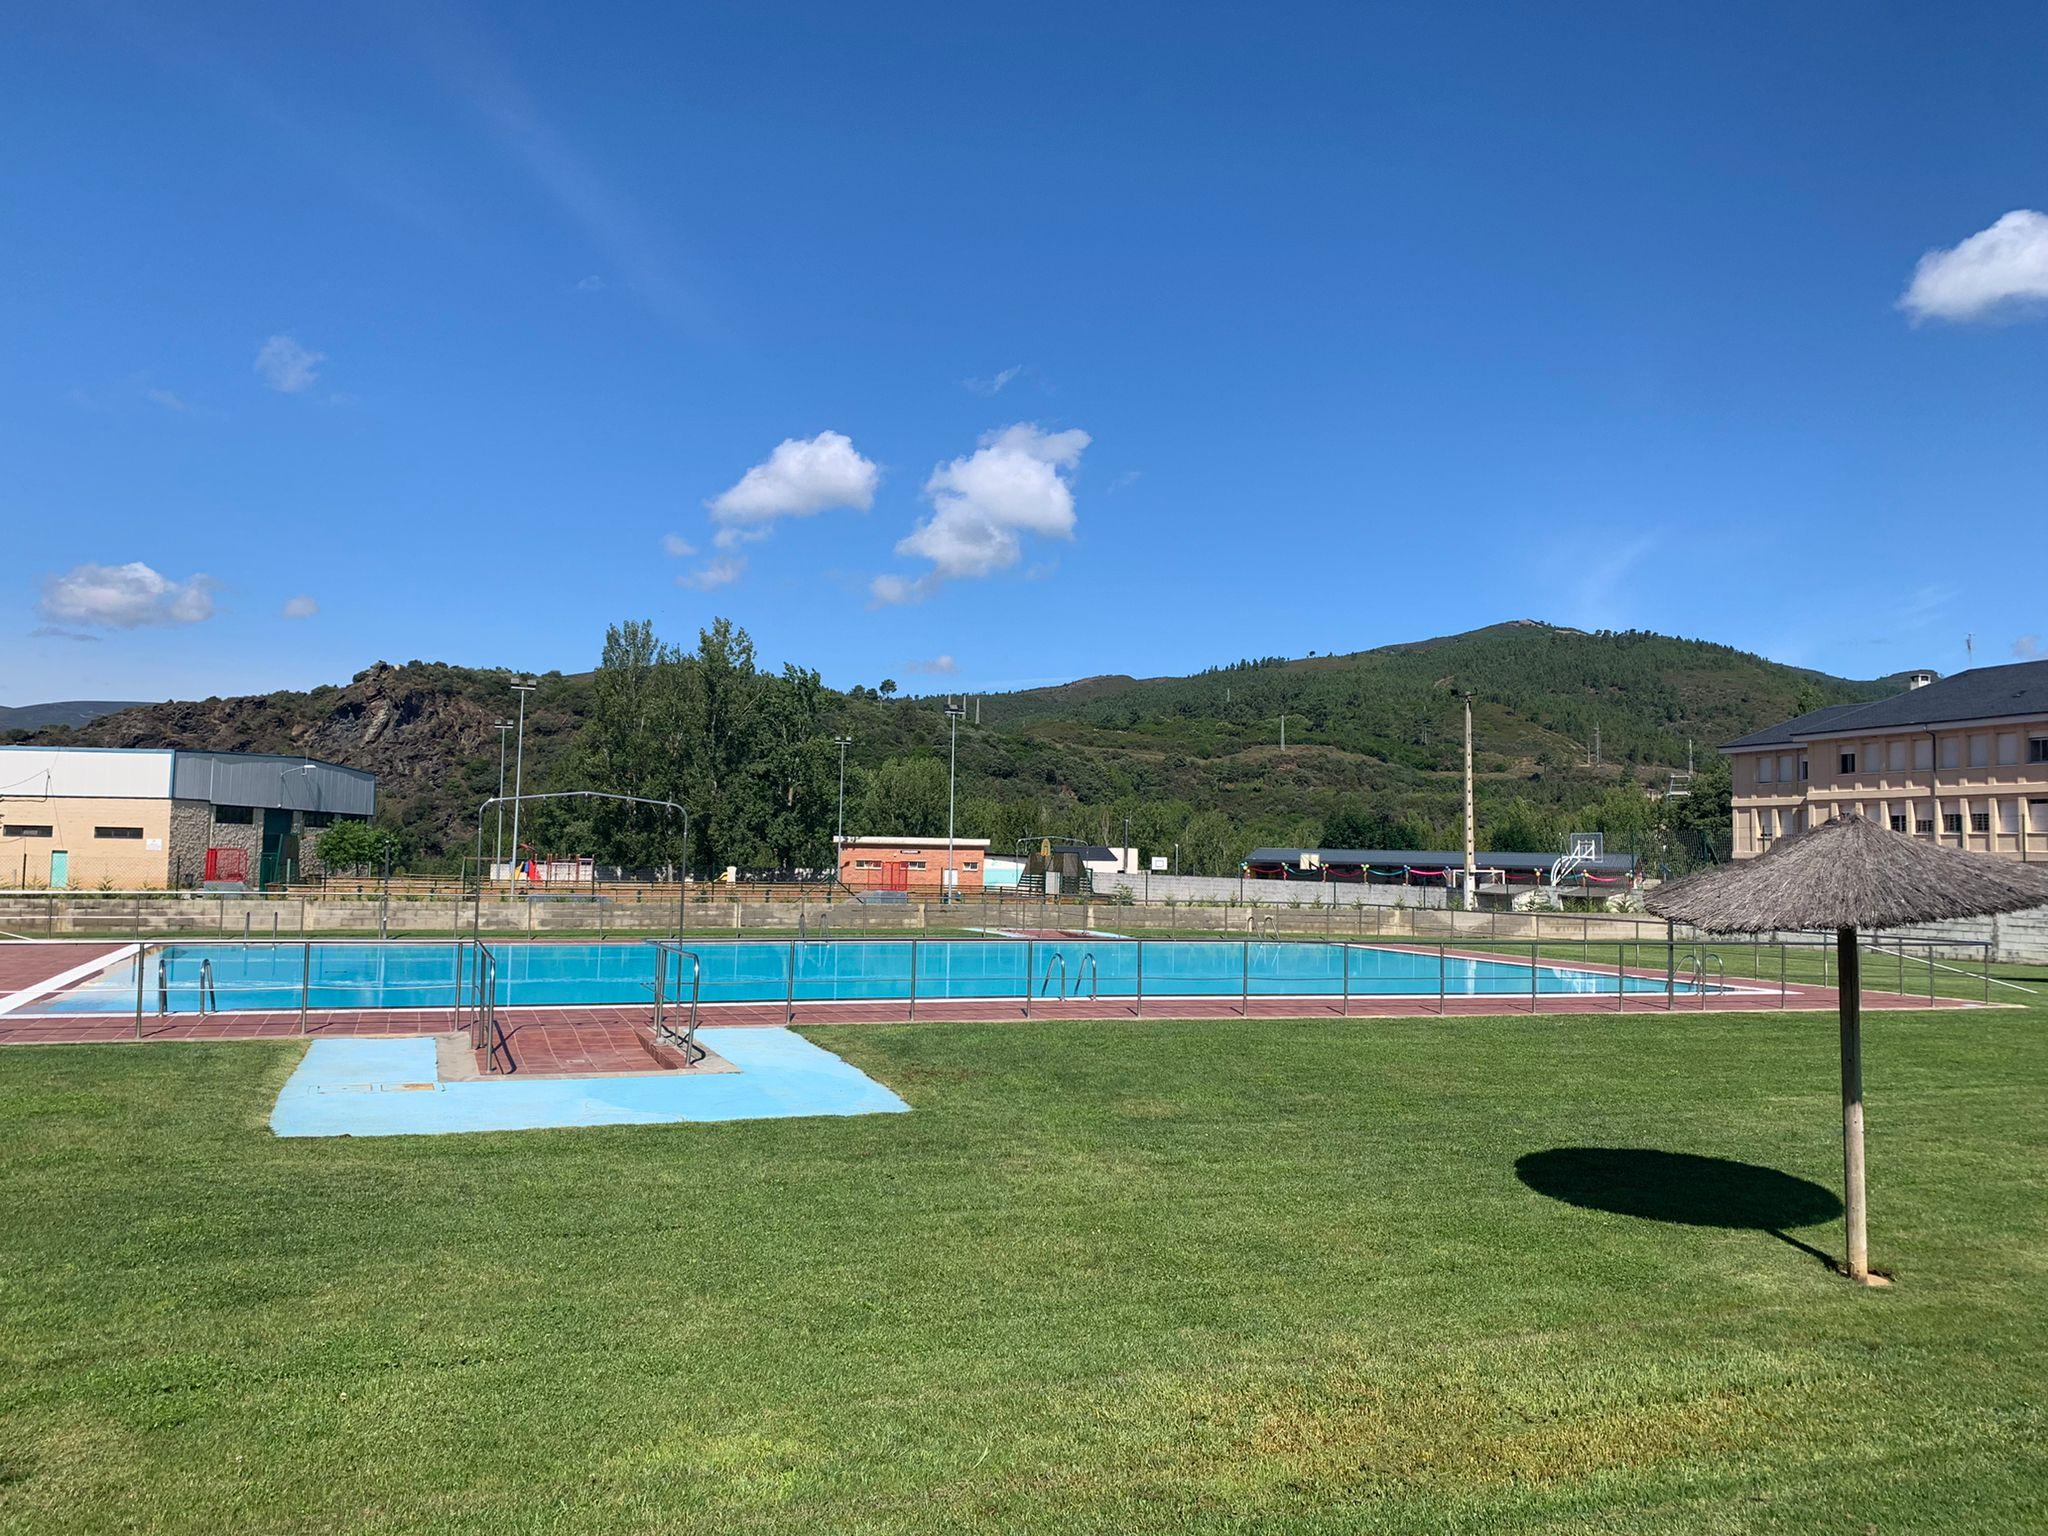 Especial piscinas que no te puedes perder en El Bierzo este verano 18